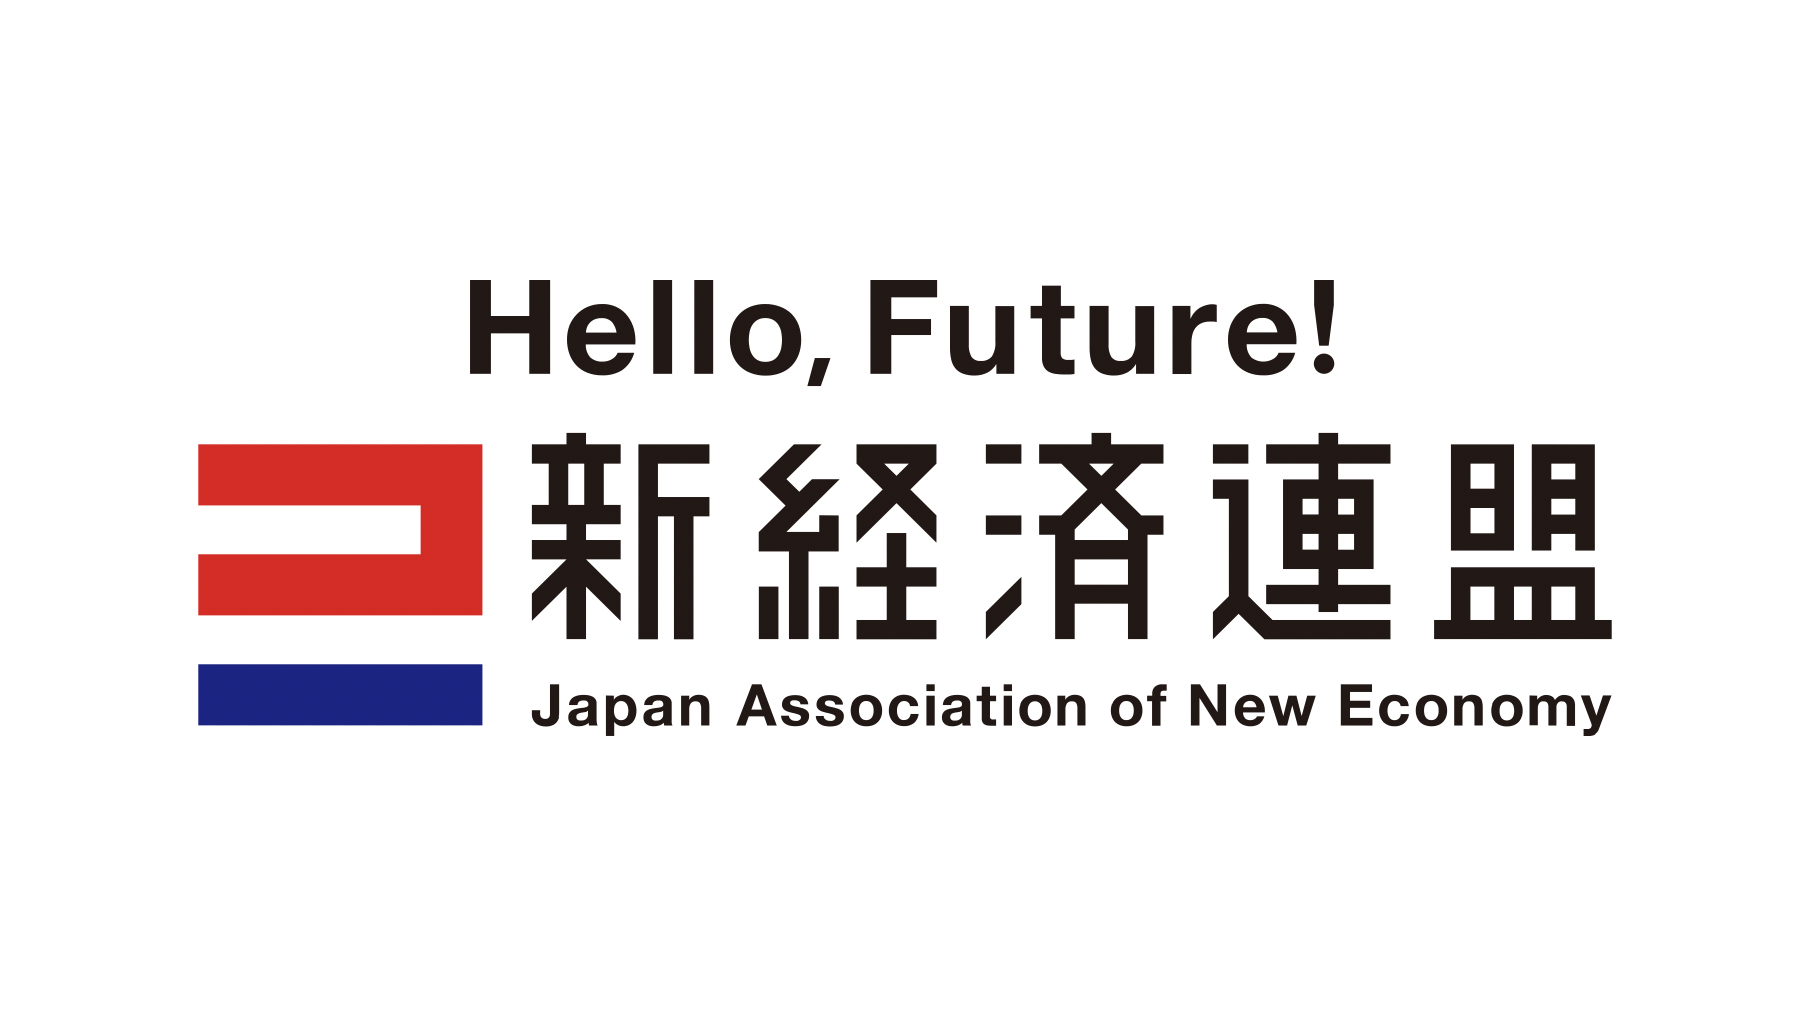 楽天・三木谷氏が代表理事を務める「新経済連盟」、オープンイノベーションプロジェクトチームを発足